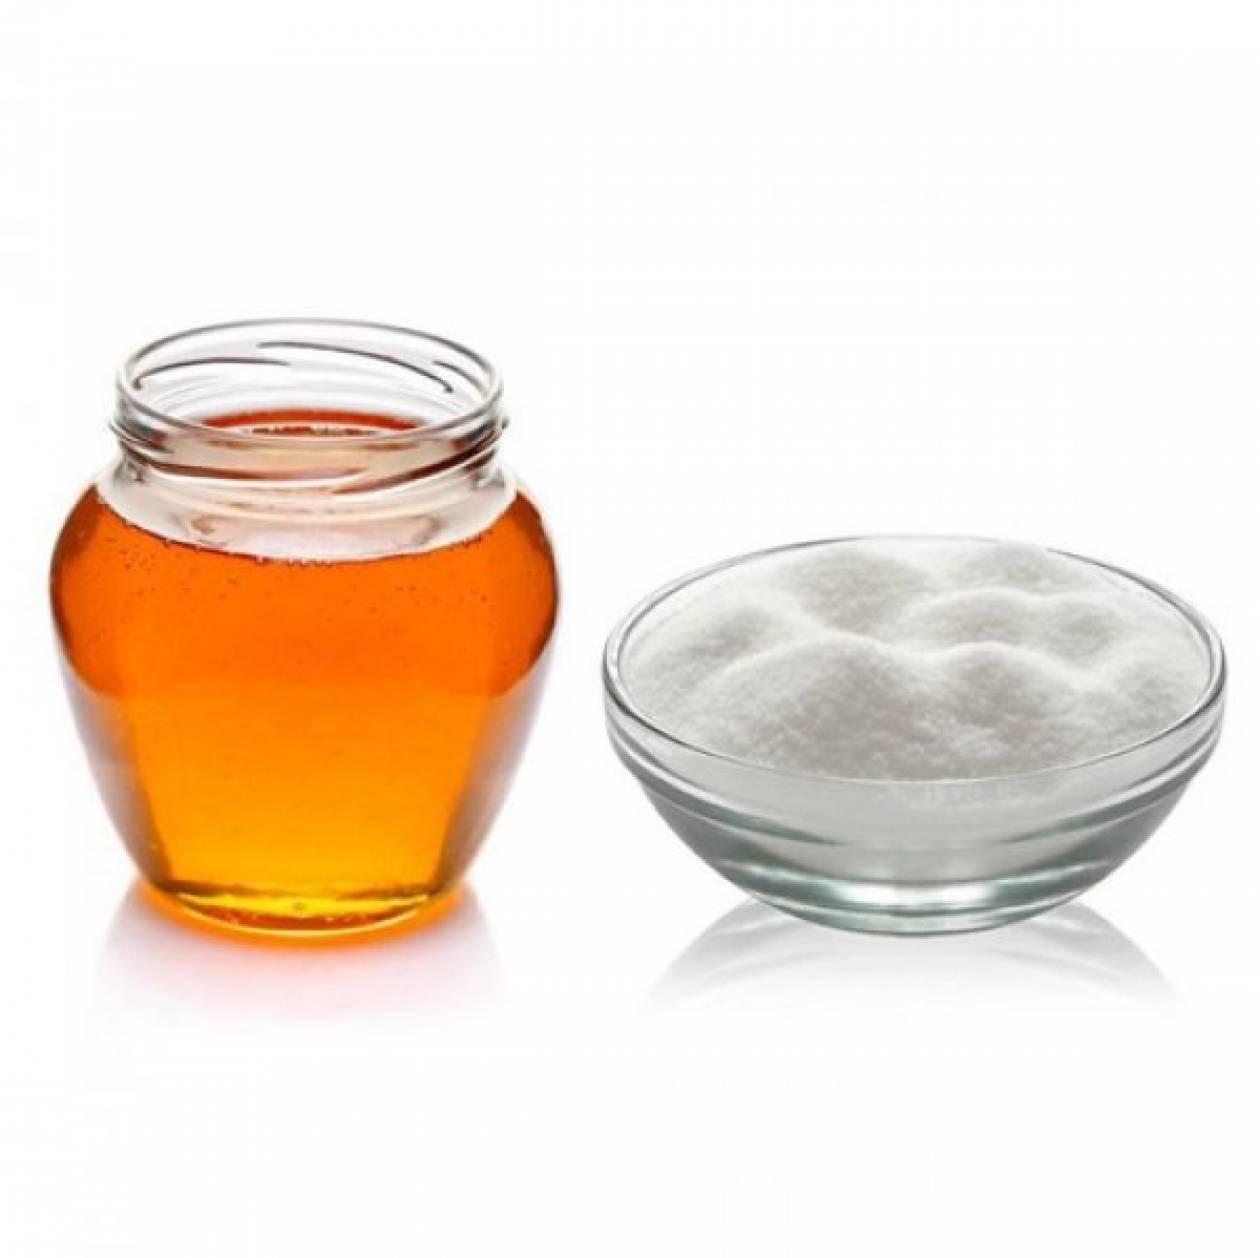 Η ζάχαρη παχαίνει περισσότερο από το μέλι: Αλήθεια ή ψέμα;